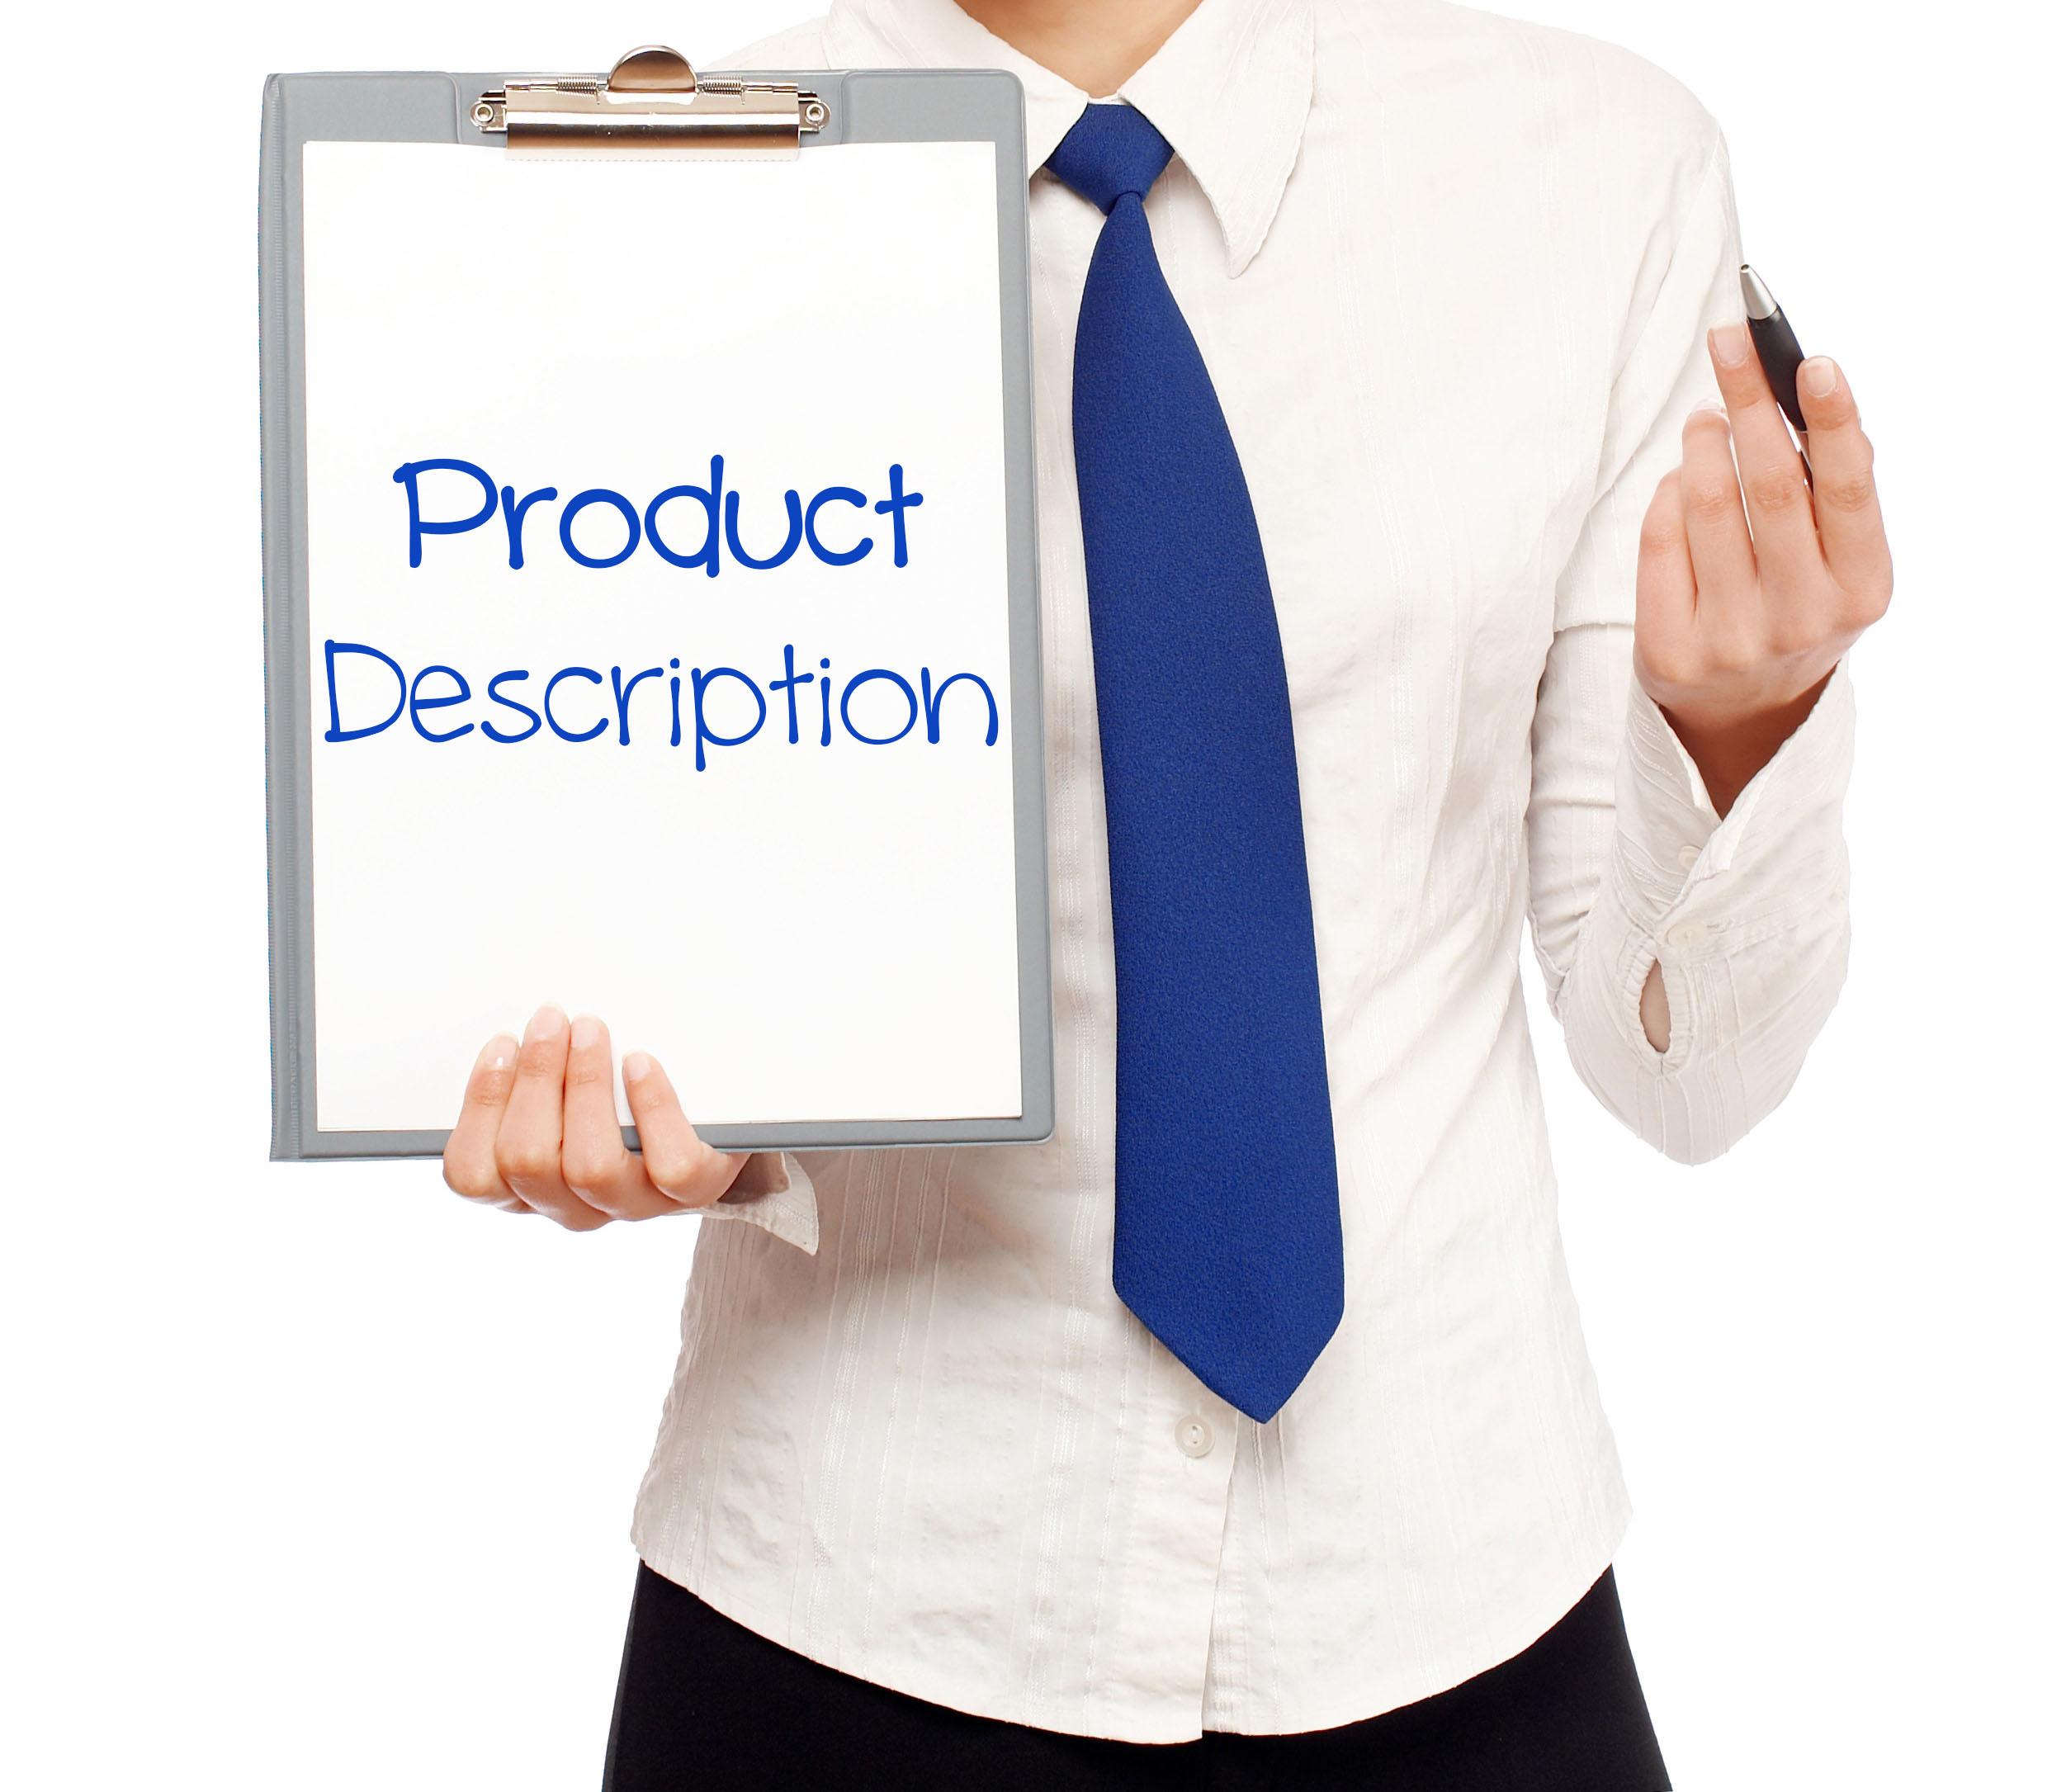 توضیح محصولات